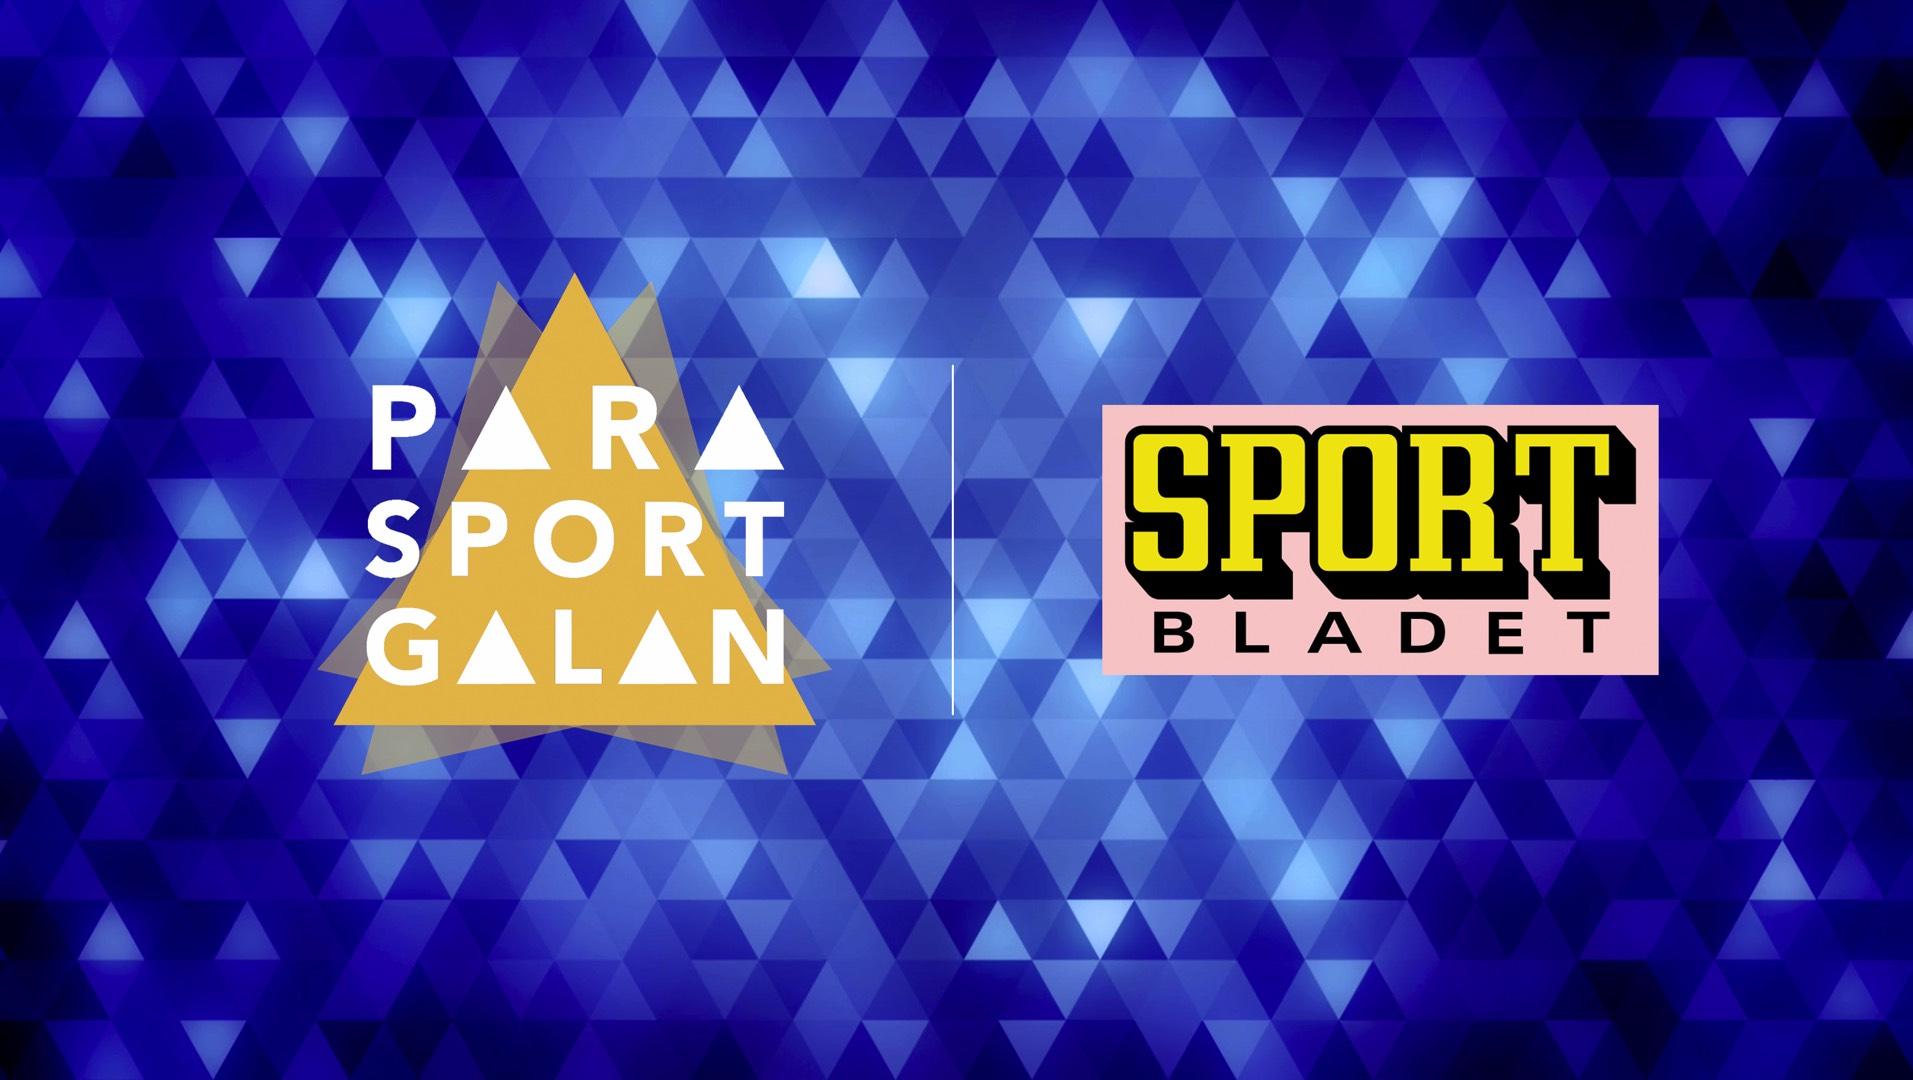 Logotyper för Parasportgalan och Sportbladet.